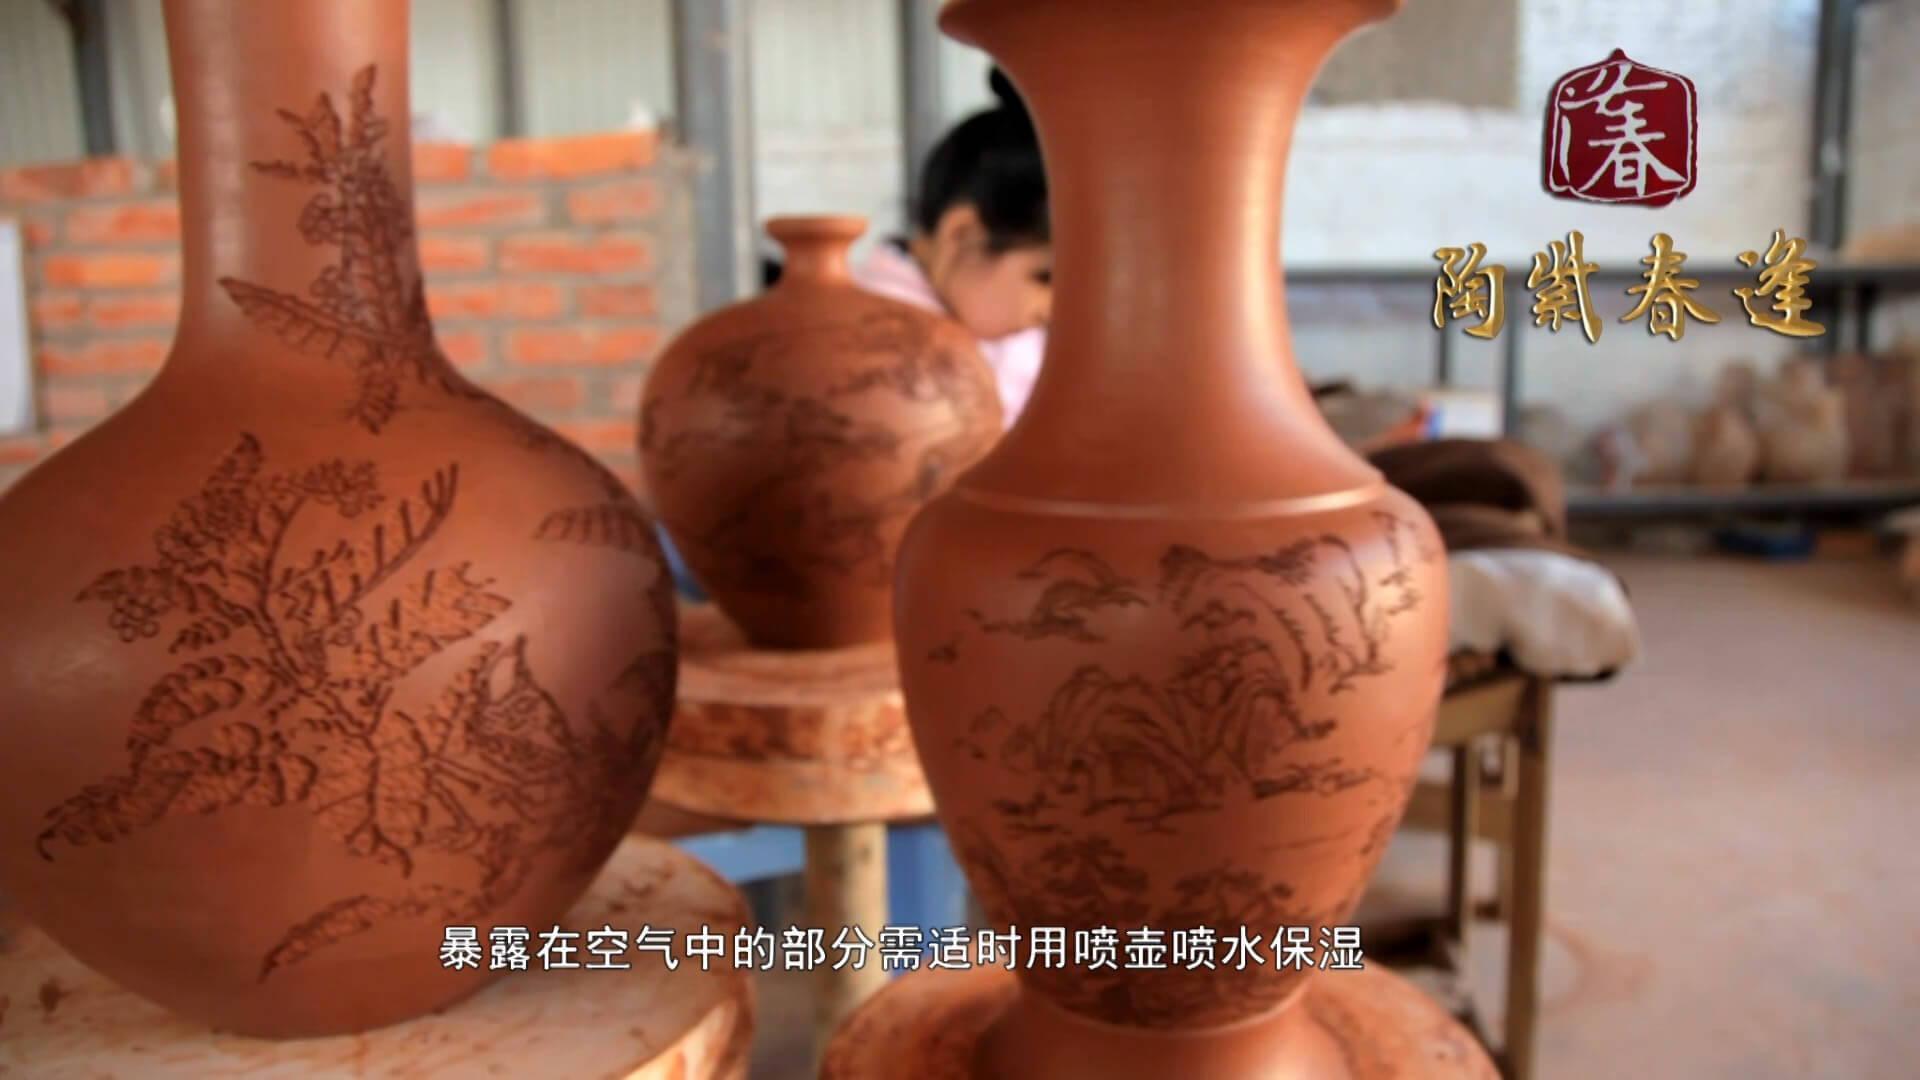 Creating Jian Shui Pottery - Wait for Inlay